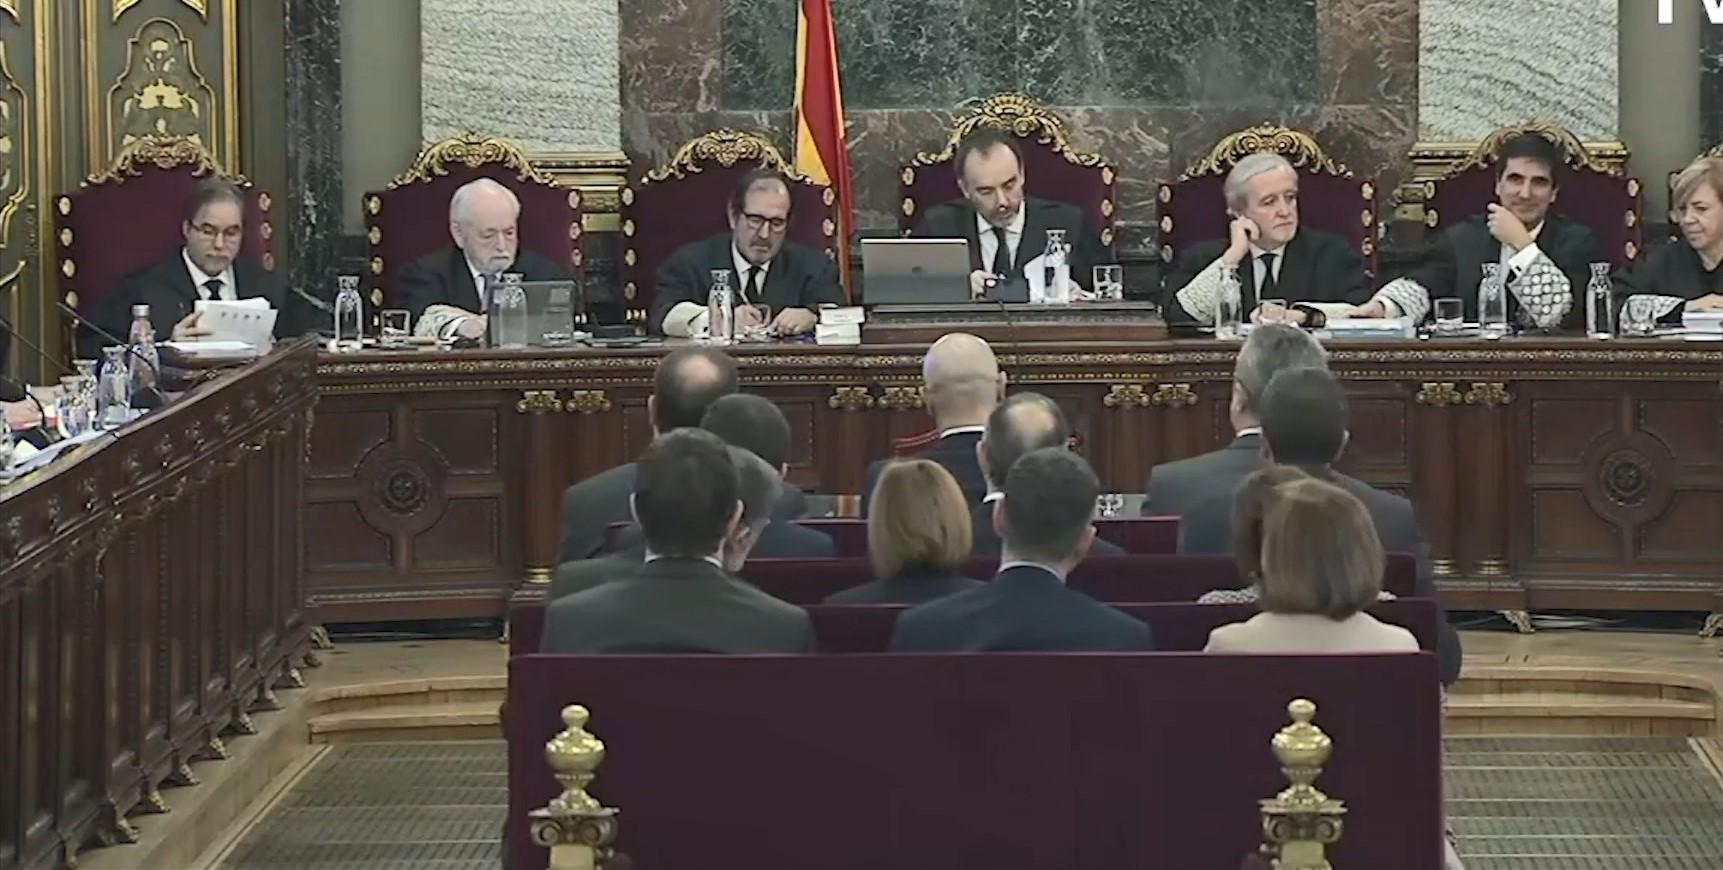 Nis në Madrid procesi gjyqësor ndaj liderëve pro pavarësisë së Katalonjës